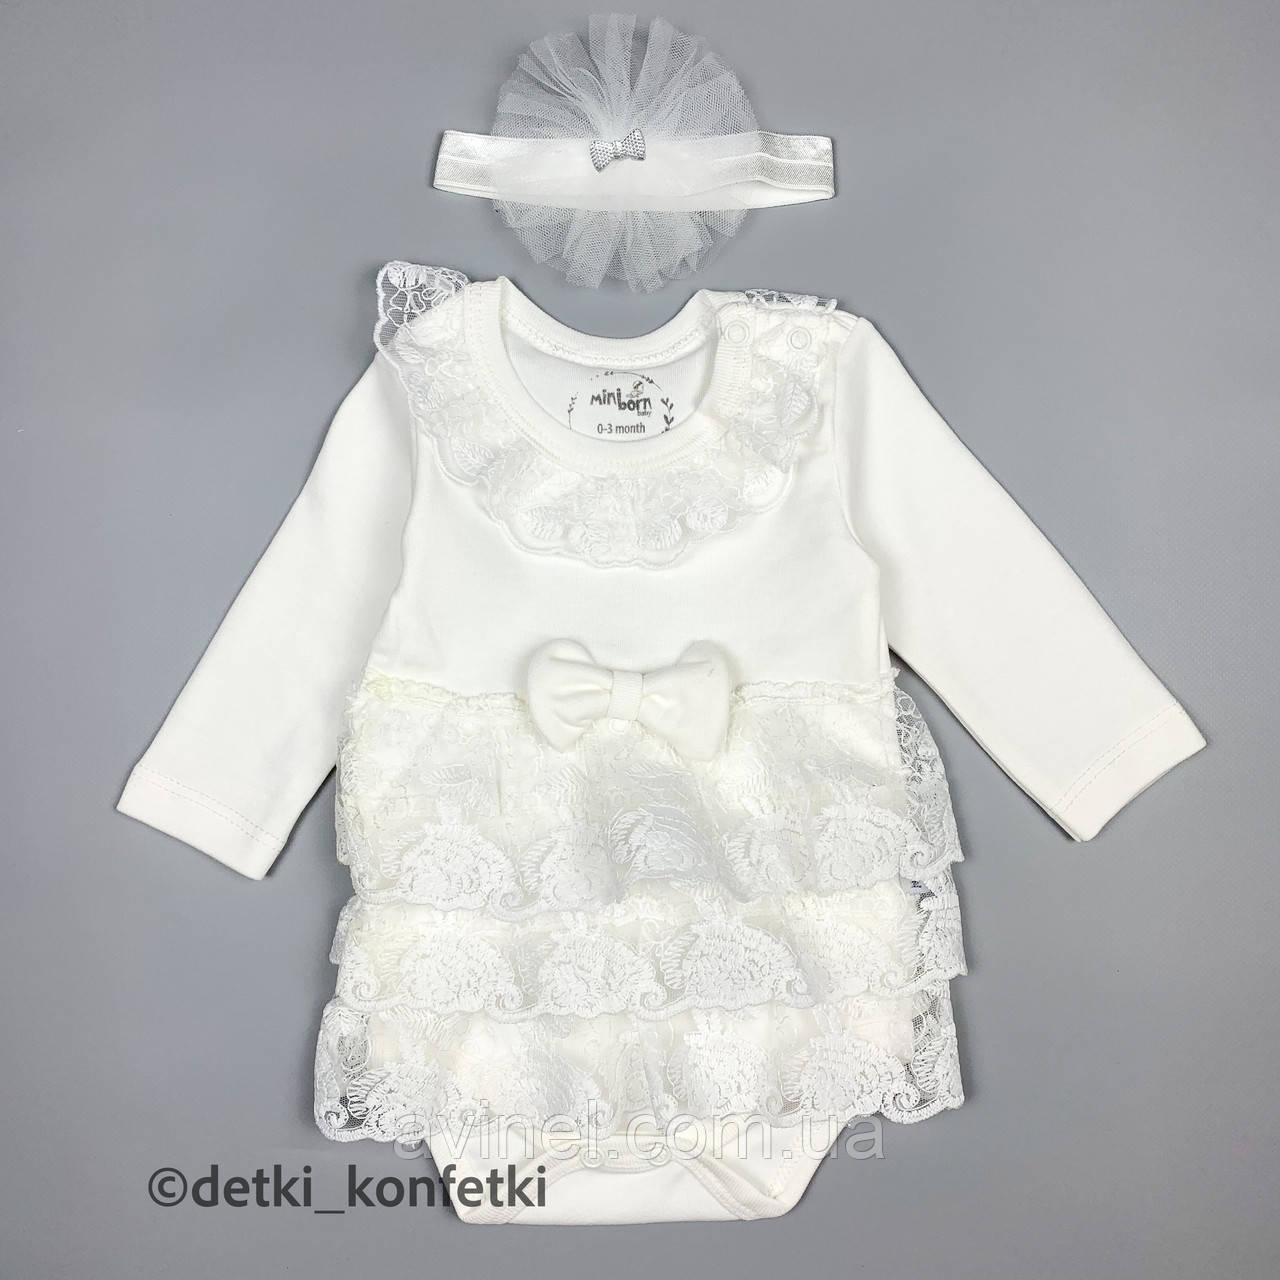 Боді сукня+пов'язка дів. Молочний Інтерлок 0314 Miniborn Туреччина 56-62(р)